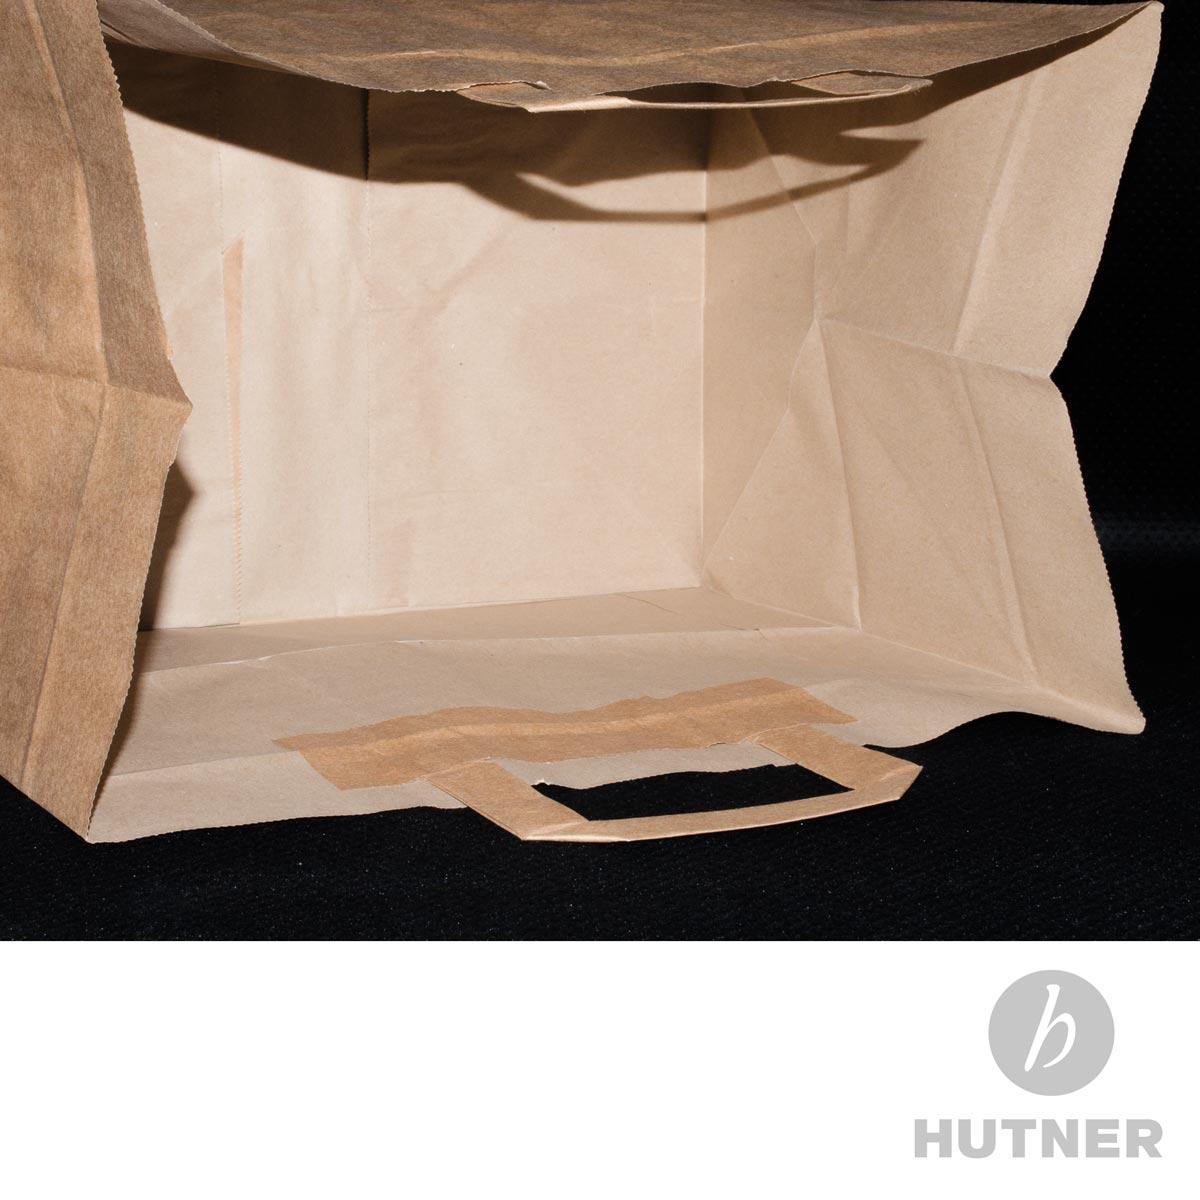 hutner b ckert ten braun weiss flachhenkel kuchentragetaschen papiertaschen ebay. Black Bedroom Furniture Sets. Home Design Ideas